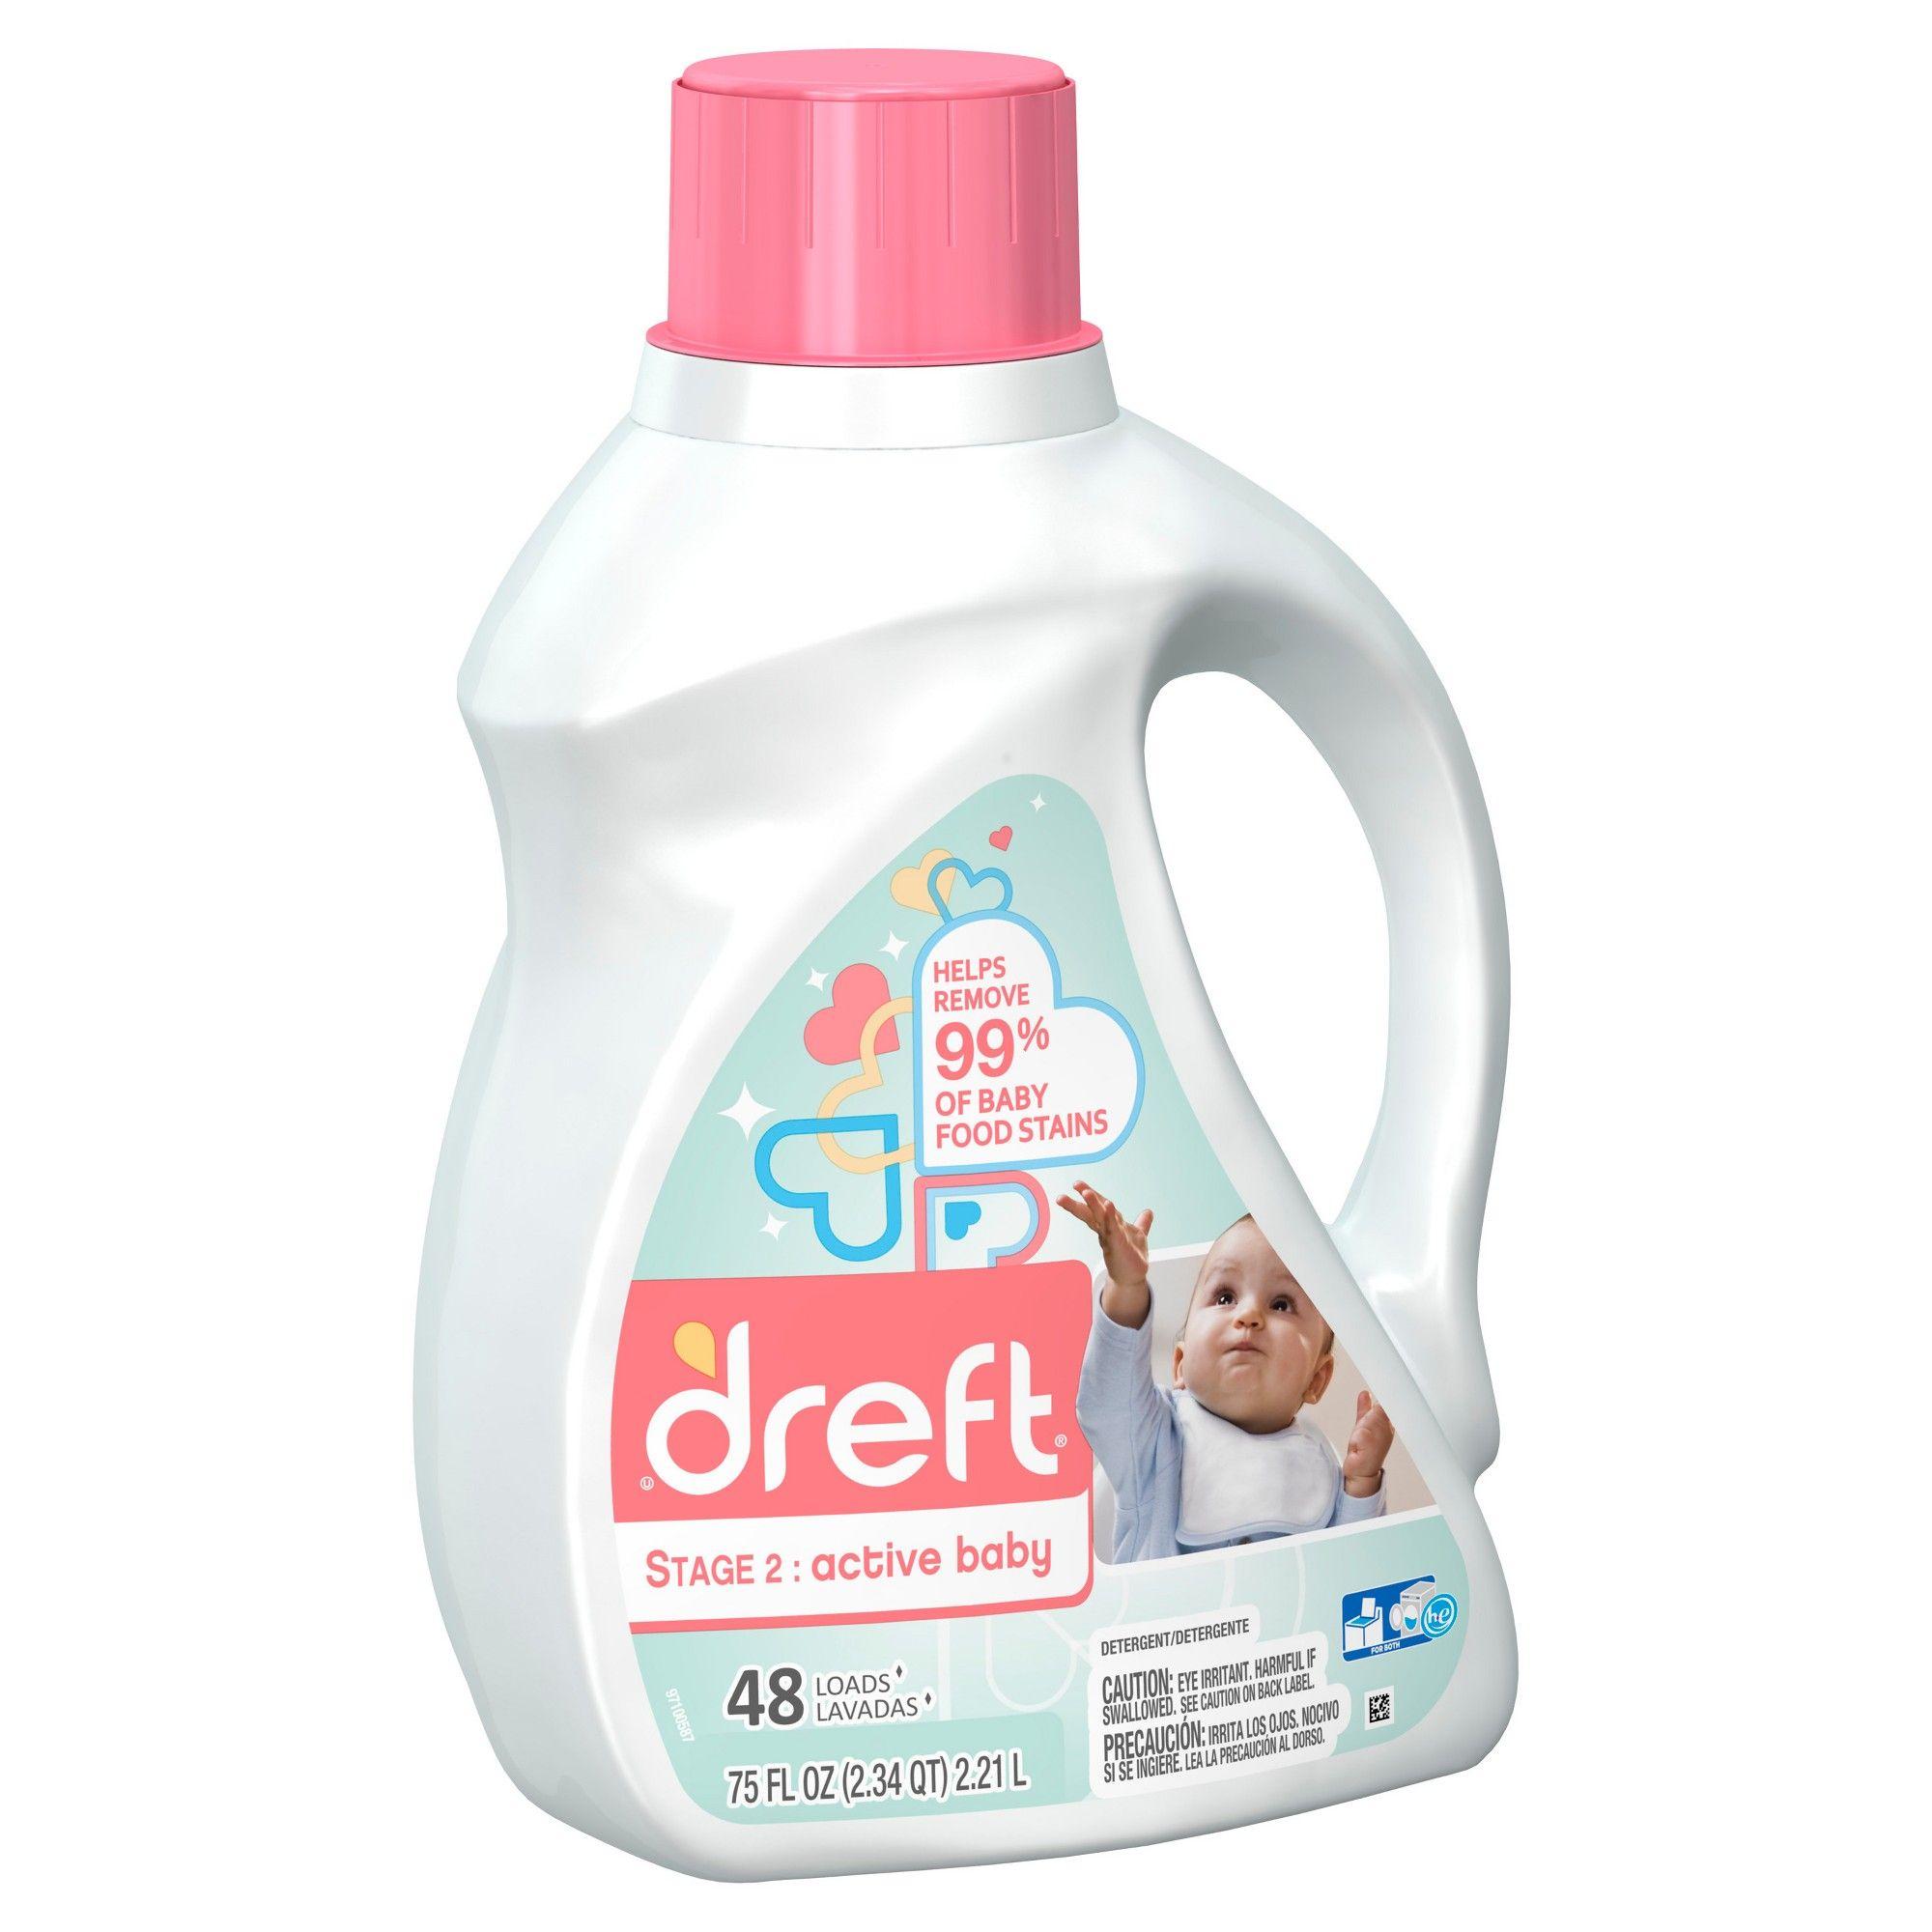 Dreft Active Baby Laundry Detergent 75oz Laundry Detergent